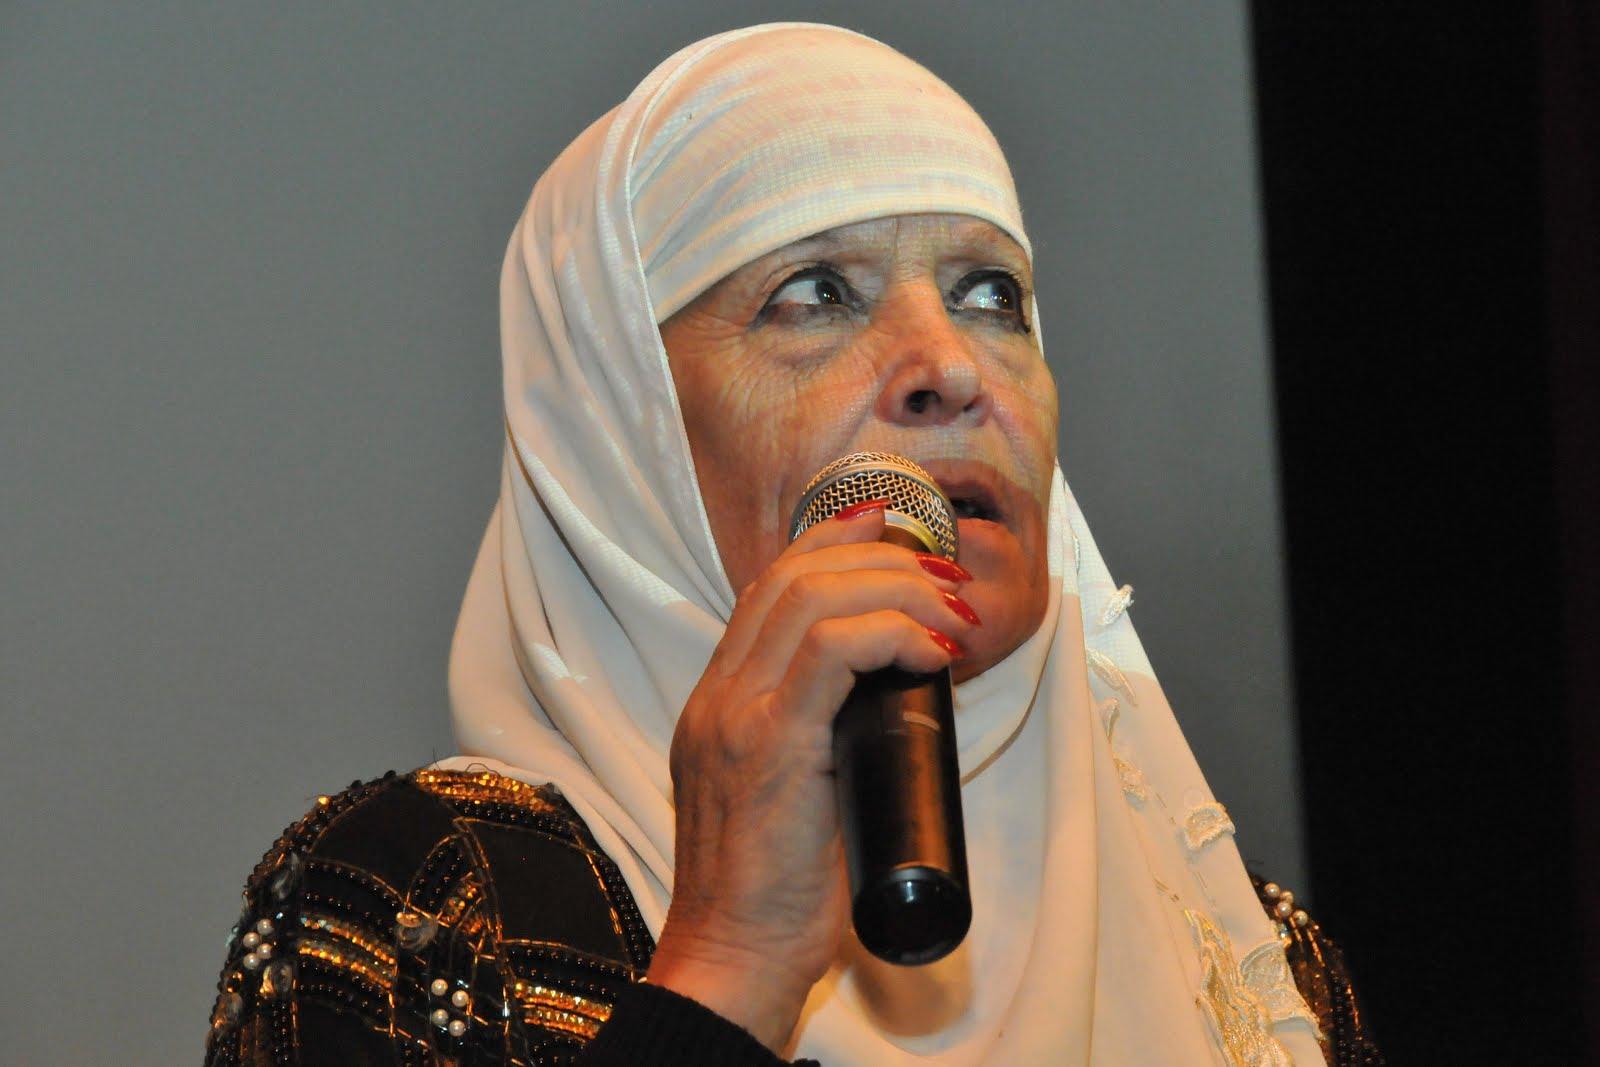 FAIZA YAHIA LIDER DE LA MUJER ISLAMICA